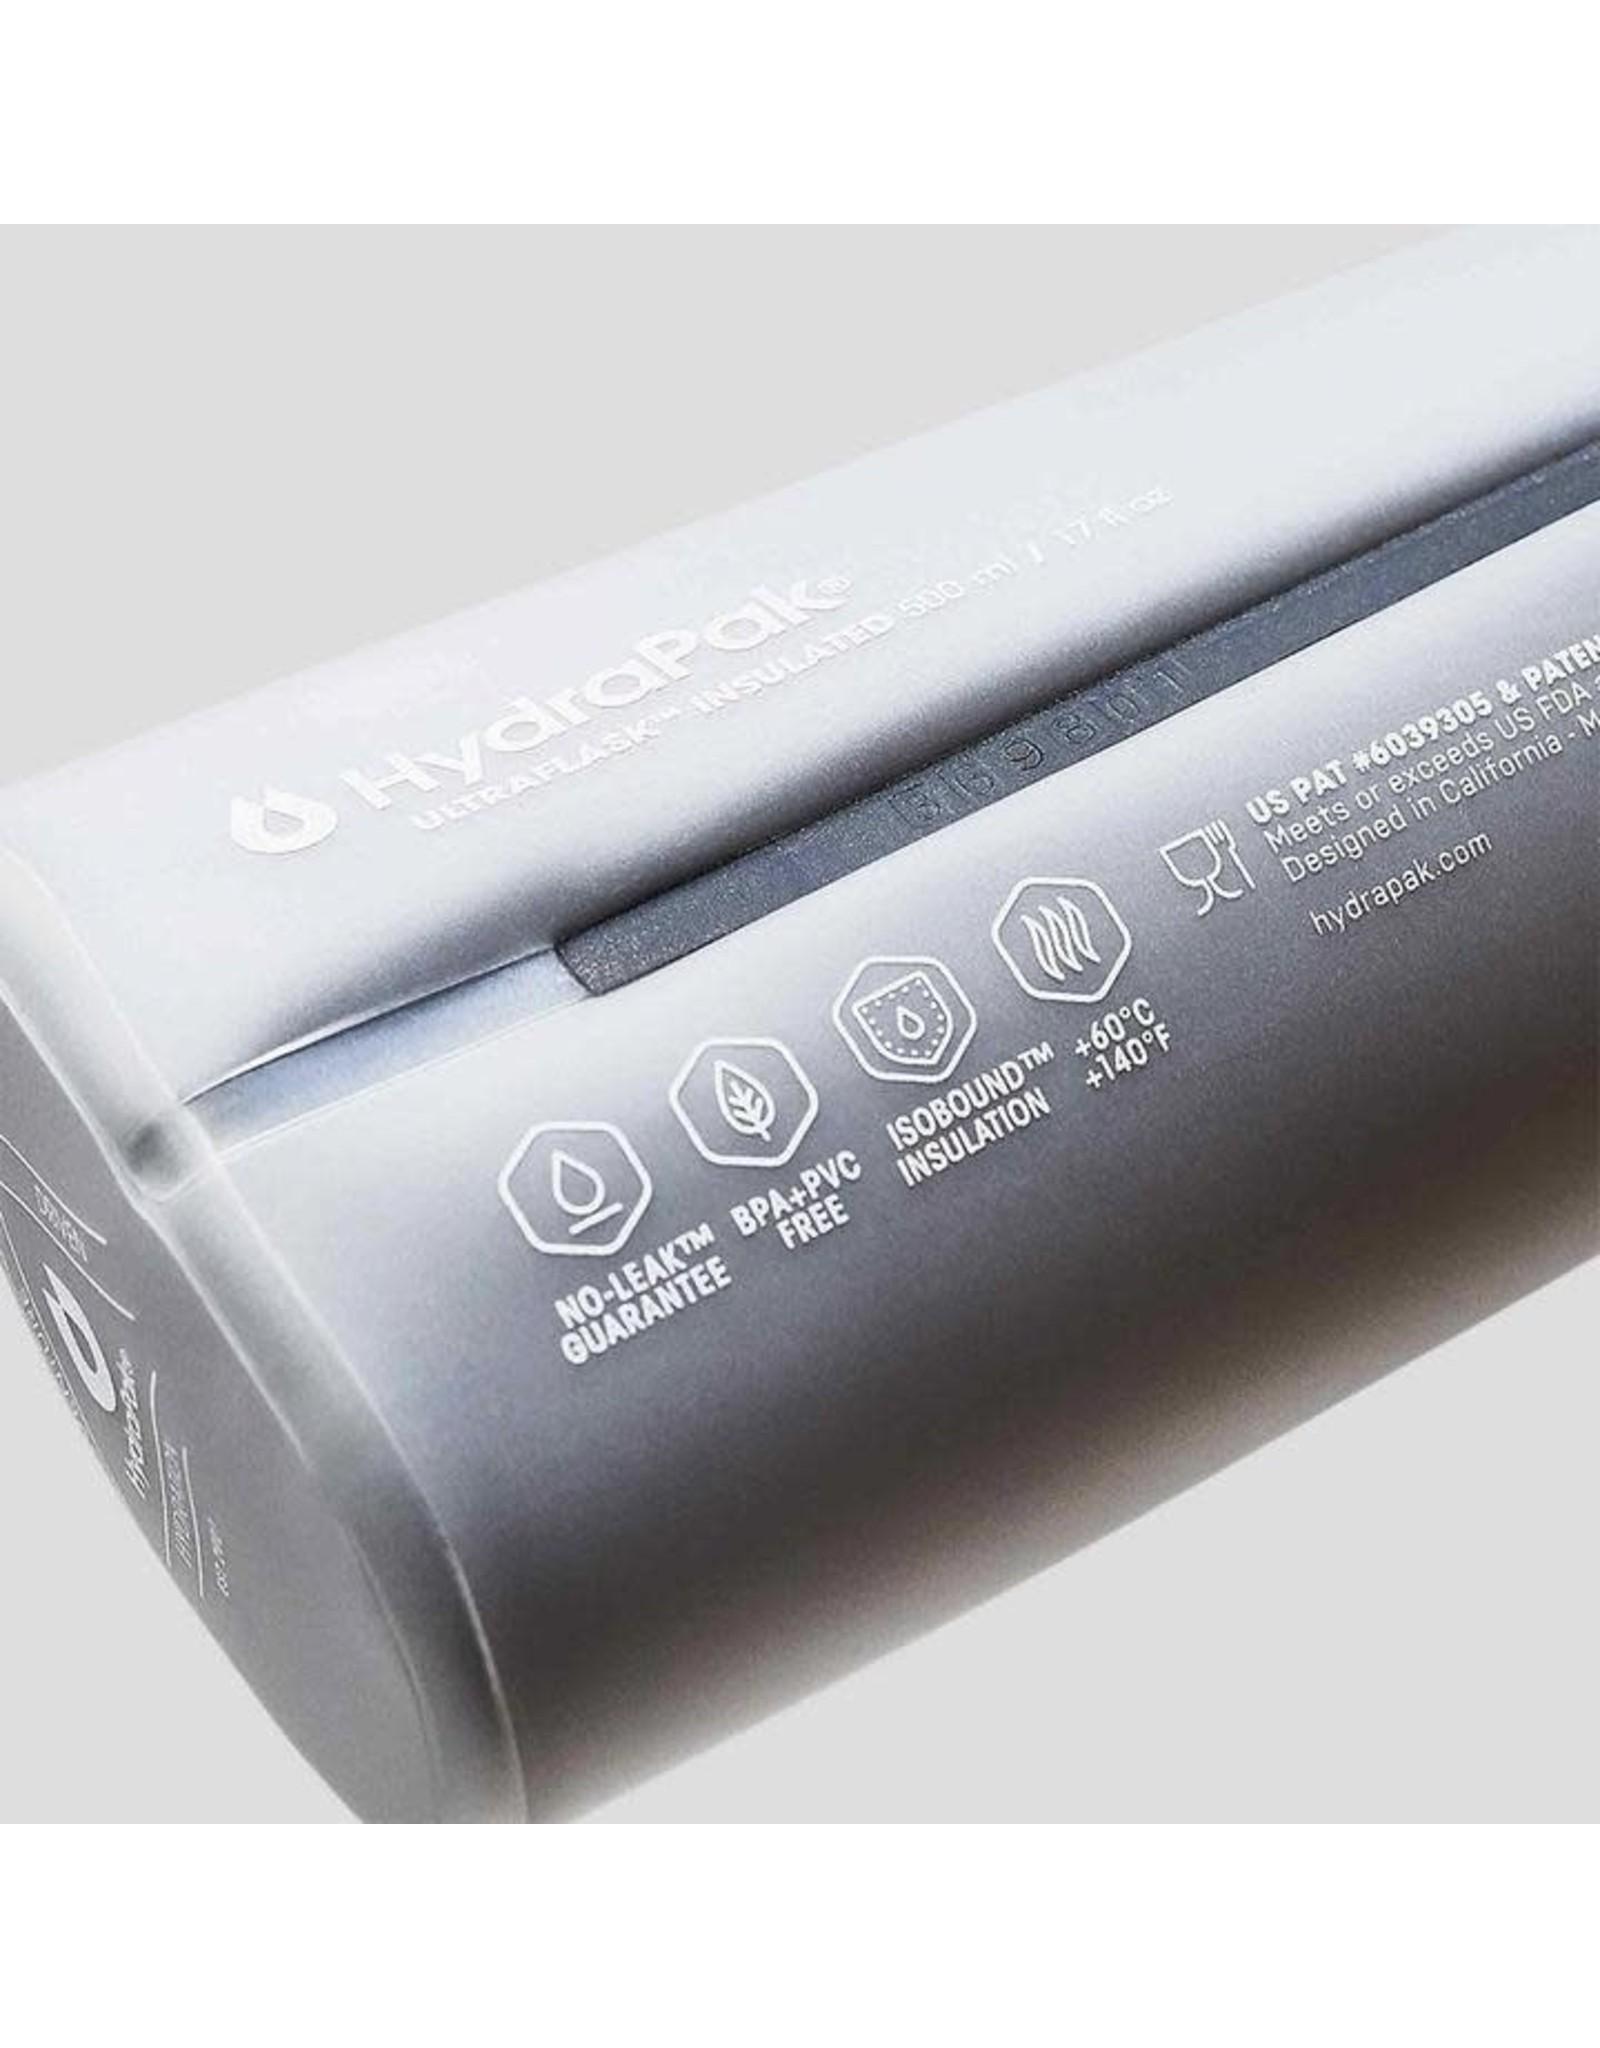 HydraPak HydraPak Ultraflask IT clear 500ml water bottle